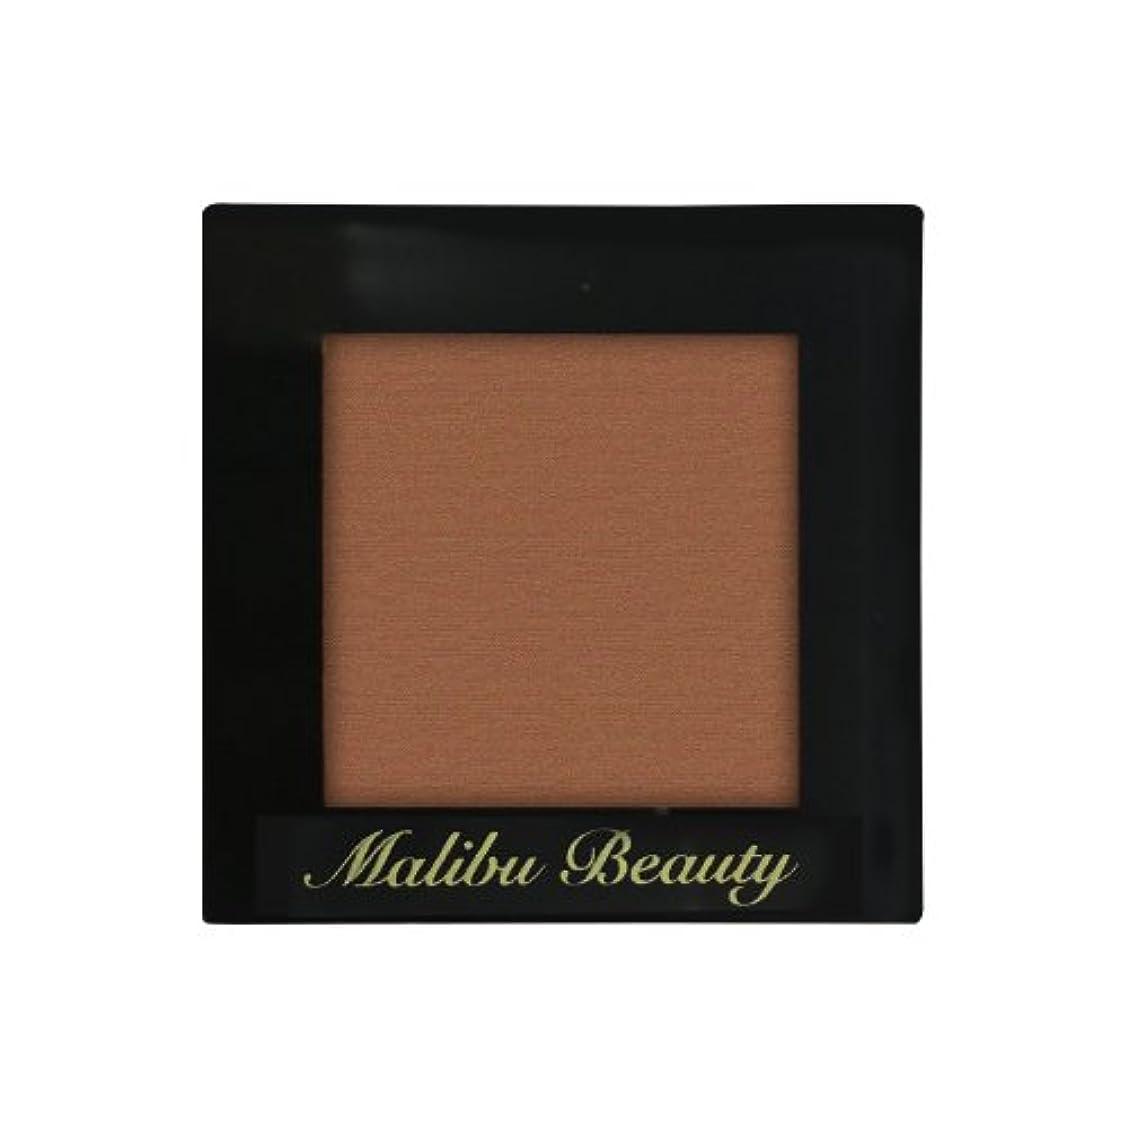 マリブビューティー シングルアイシャドウ ブラウンコレクション02 MBBR-02 テラコッタブラウン (1.6g)